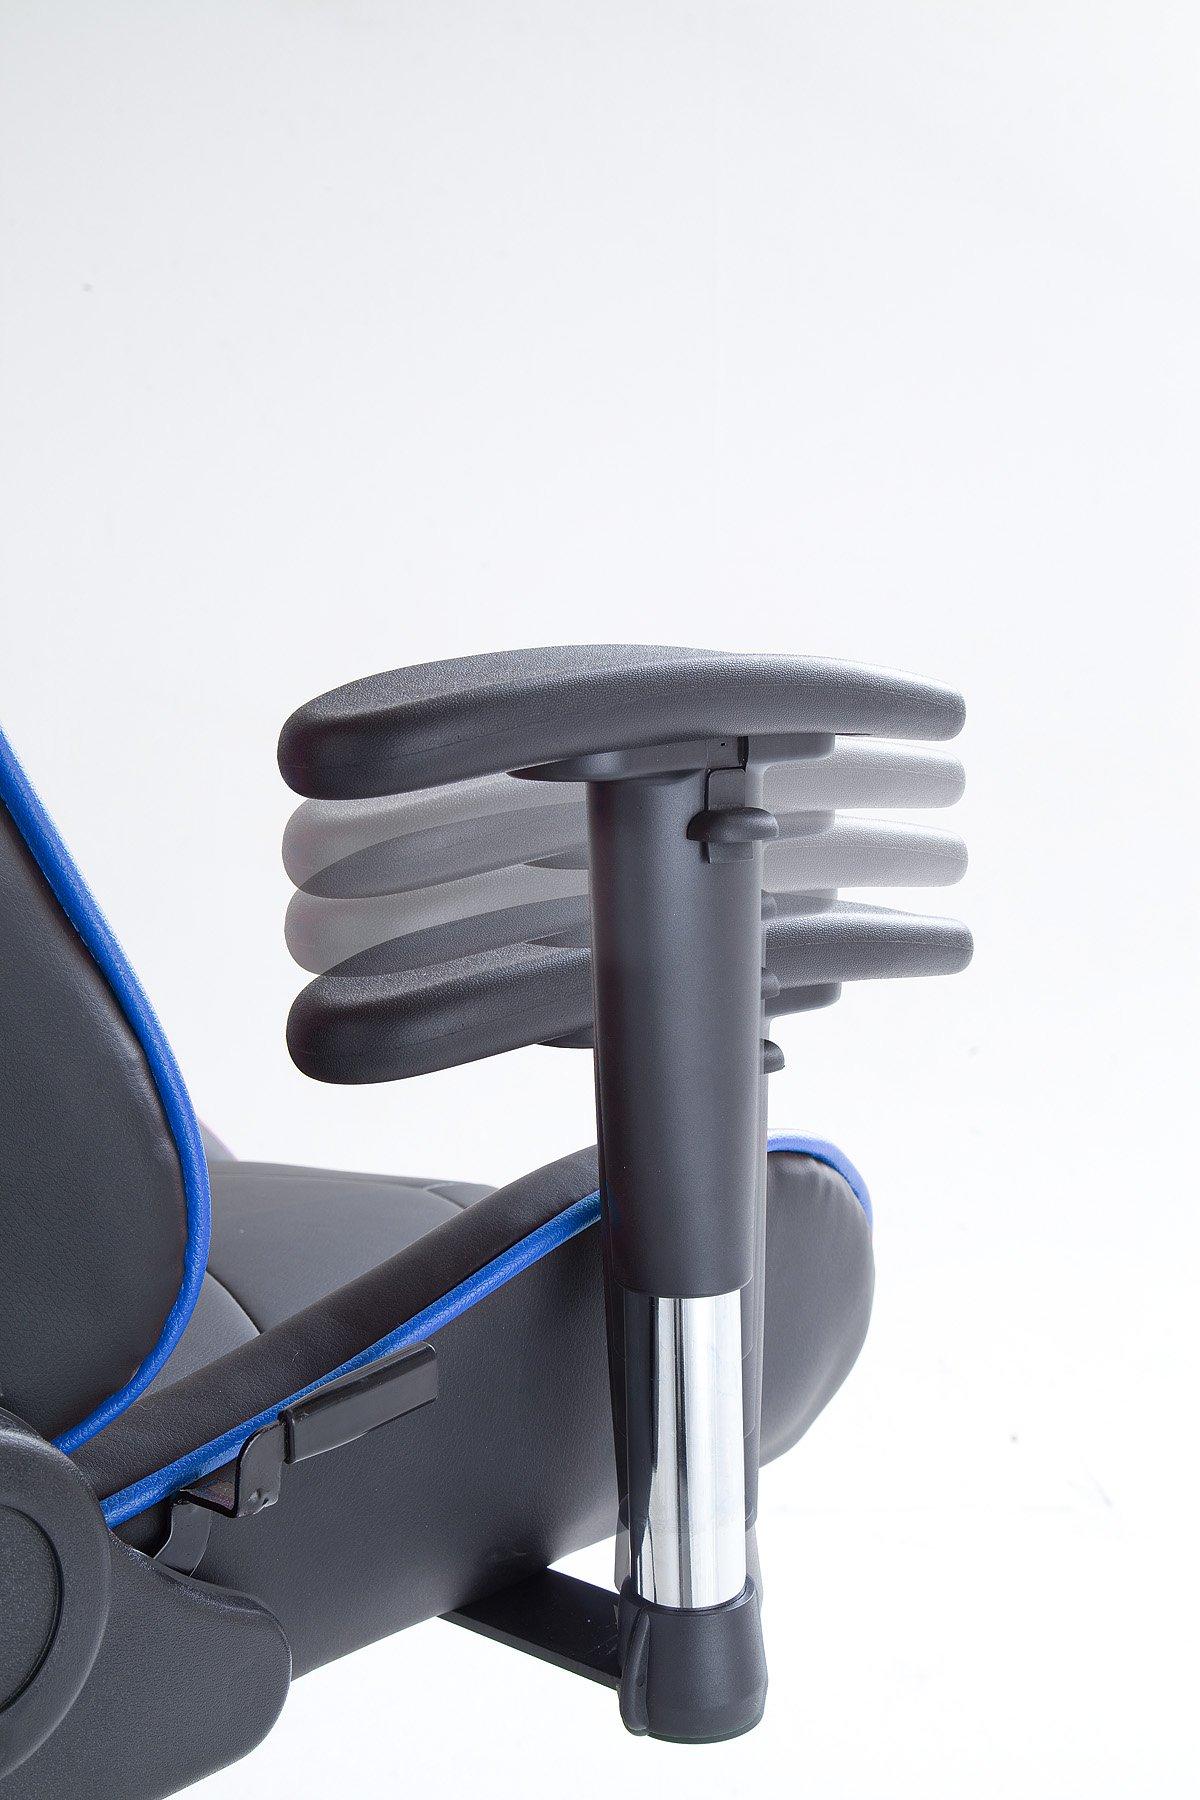 Robas Lund MC Racing 7 Silla de Gaming/Oficina/Escritorio con Asiento Deportivo, Poliéster, Negro y Azul, 58x69x125 cm